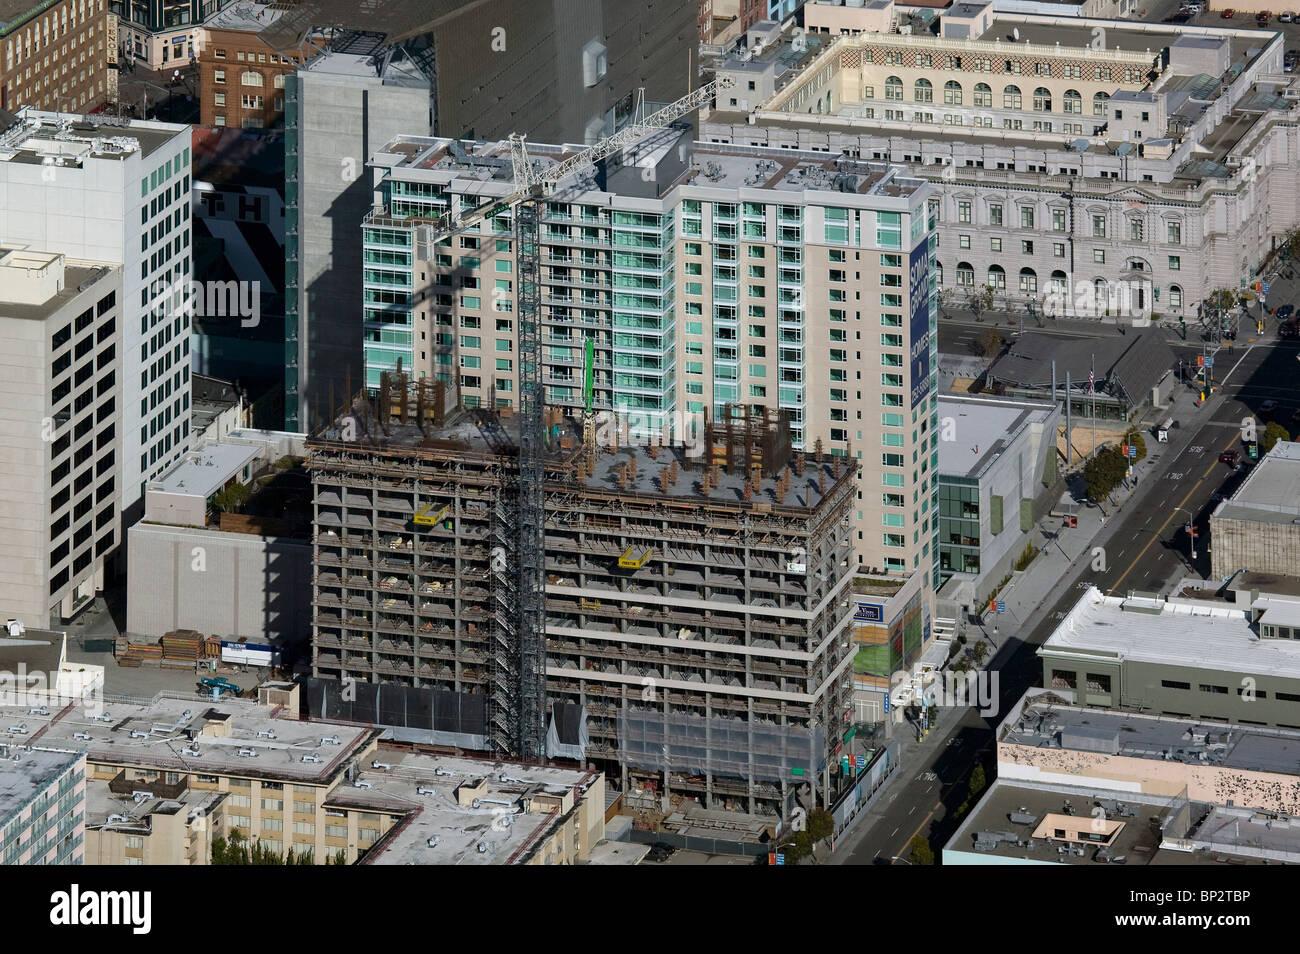 Luftbild oben Hochhaus Bau Mission Street San Francisco Kalifornien Stockbild